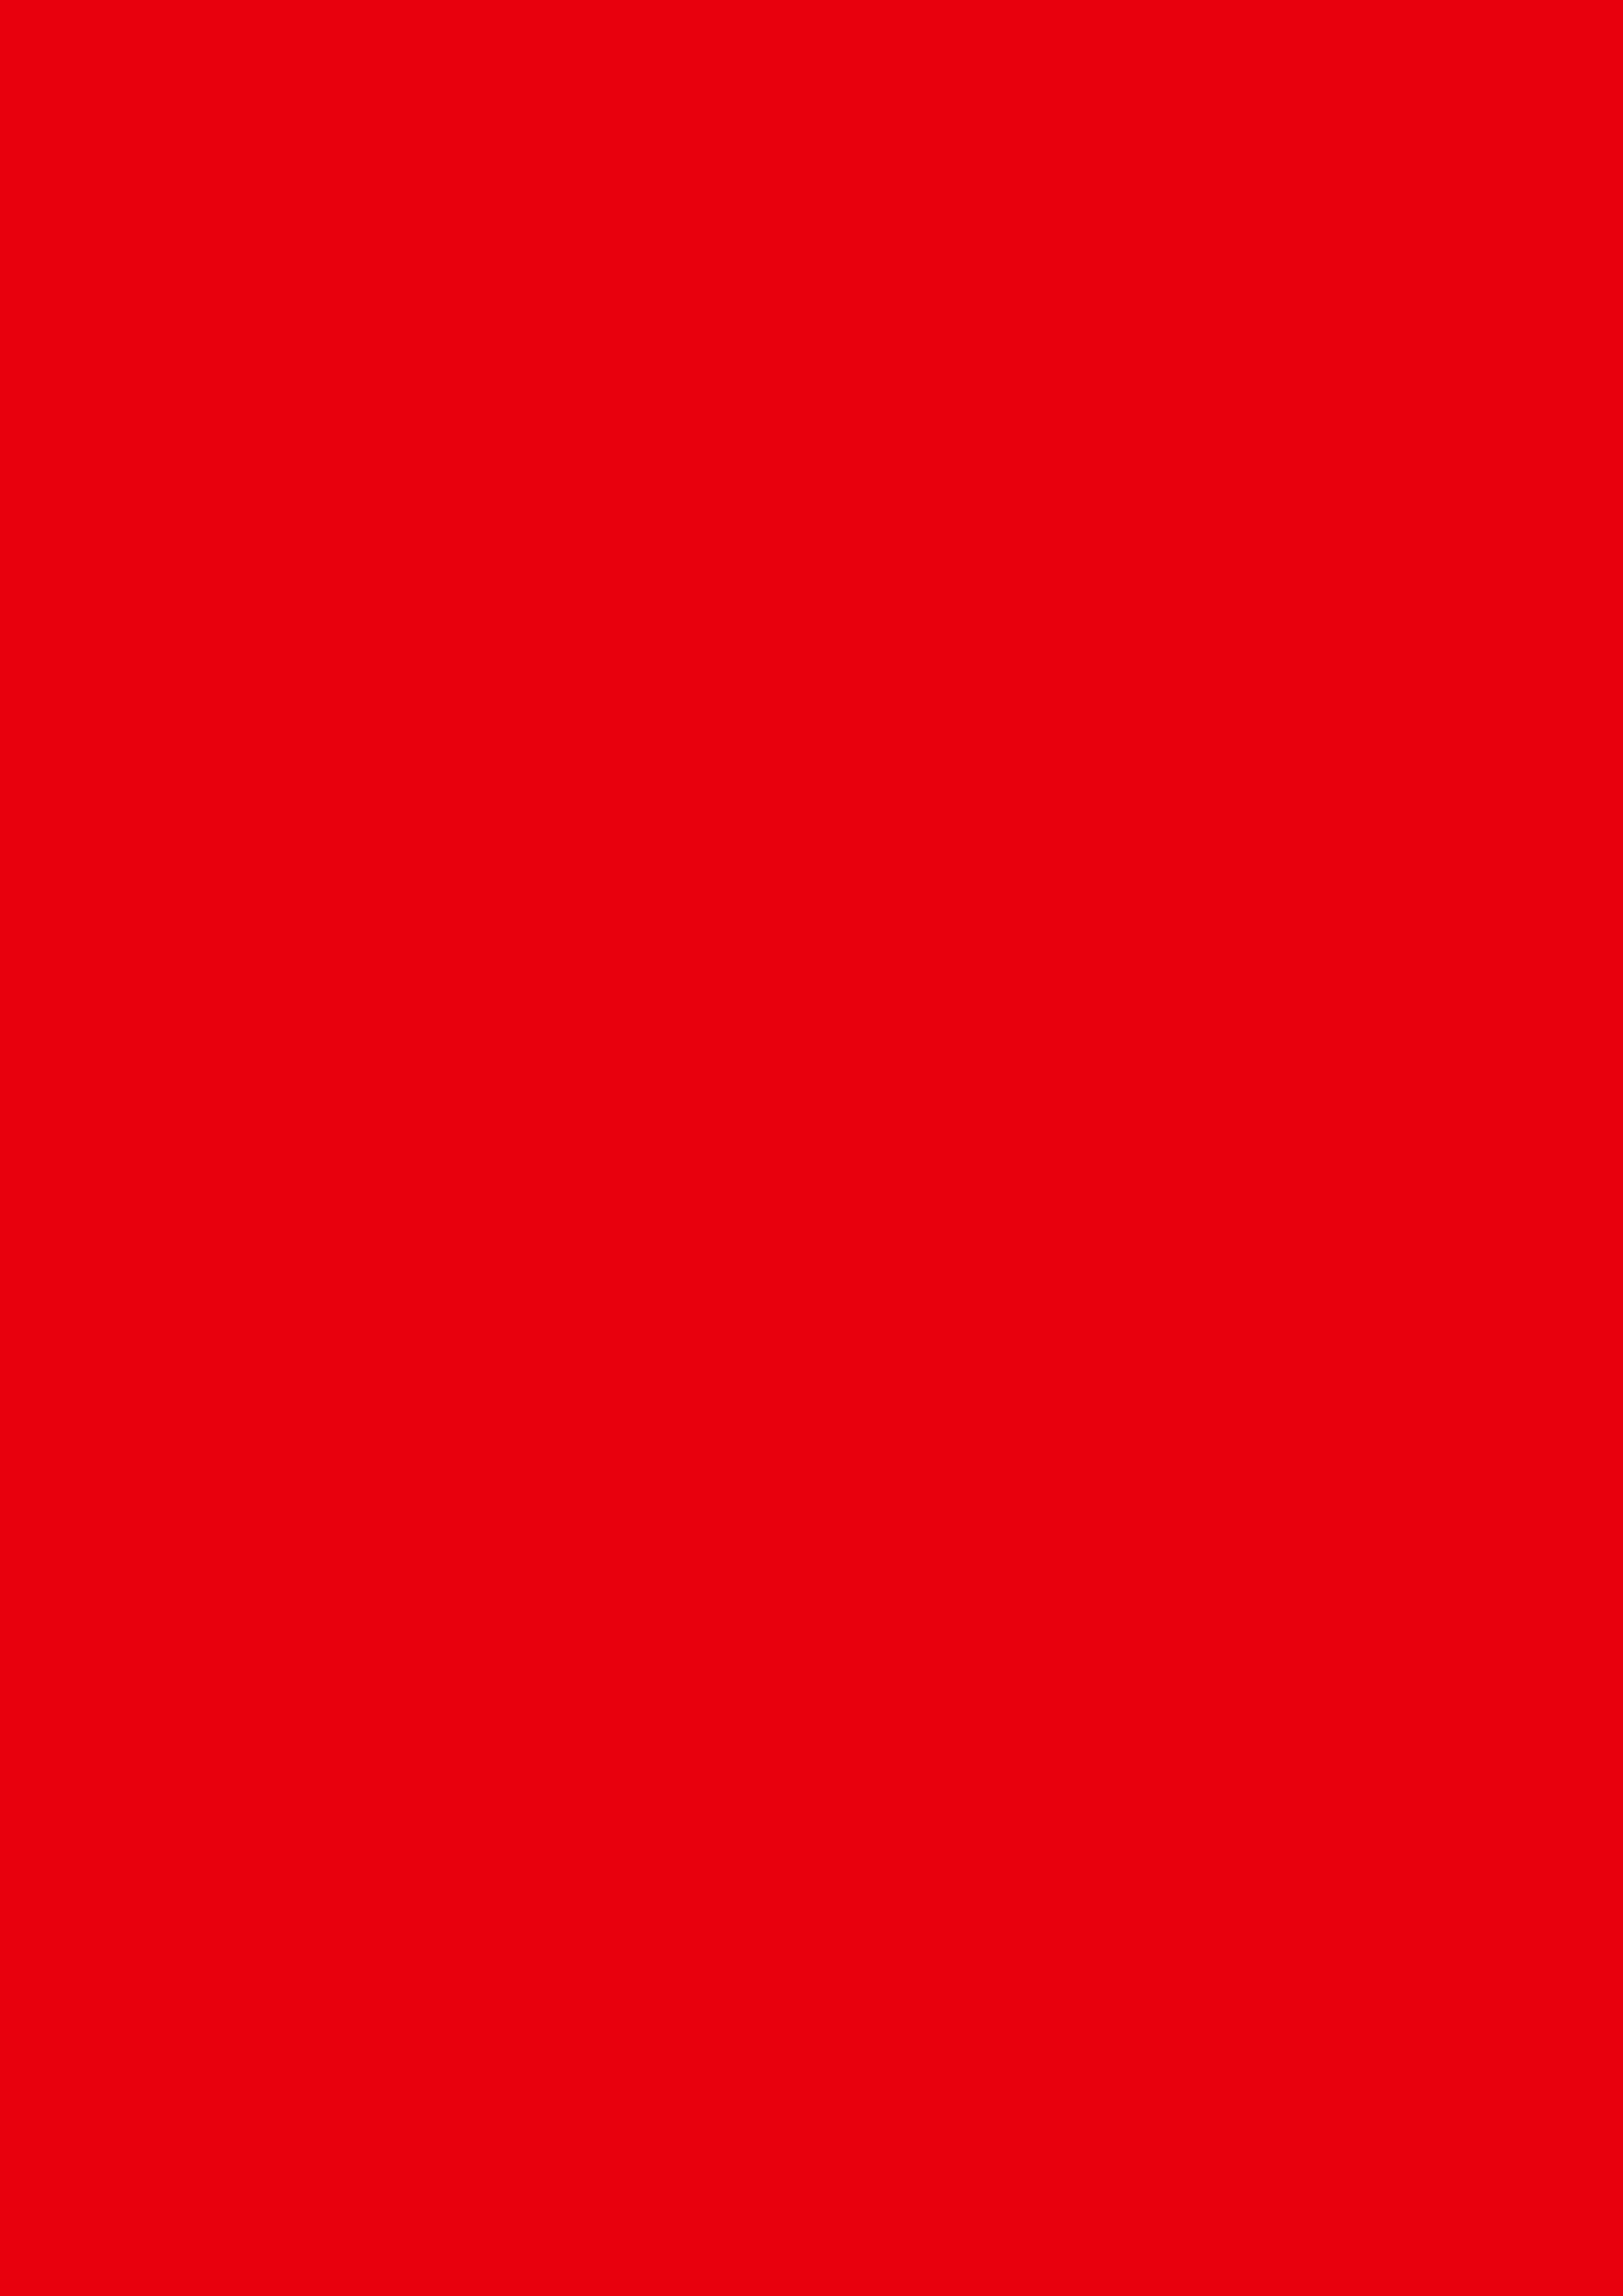 2480x3508 KU Crimson Solid Color Background